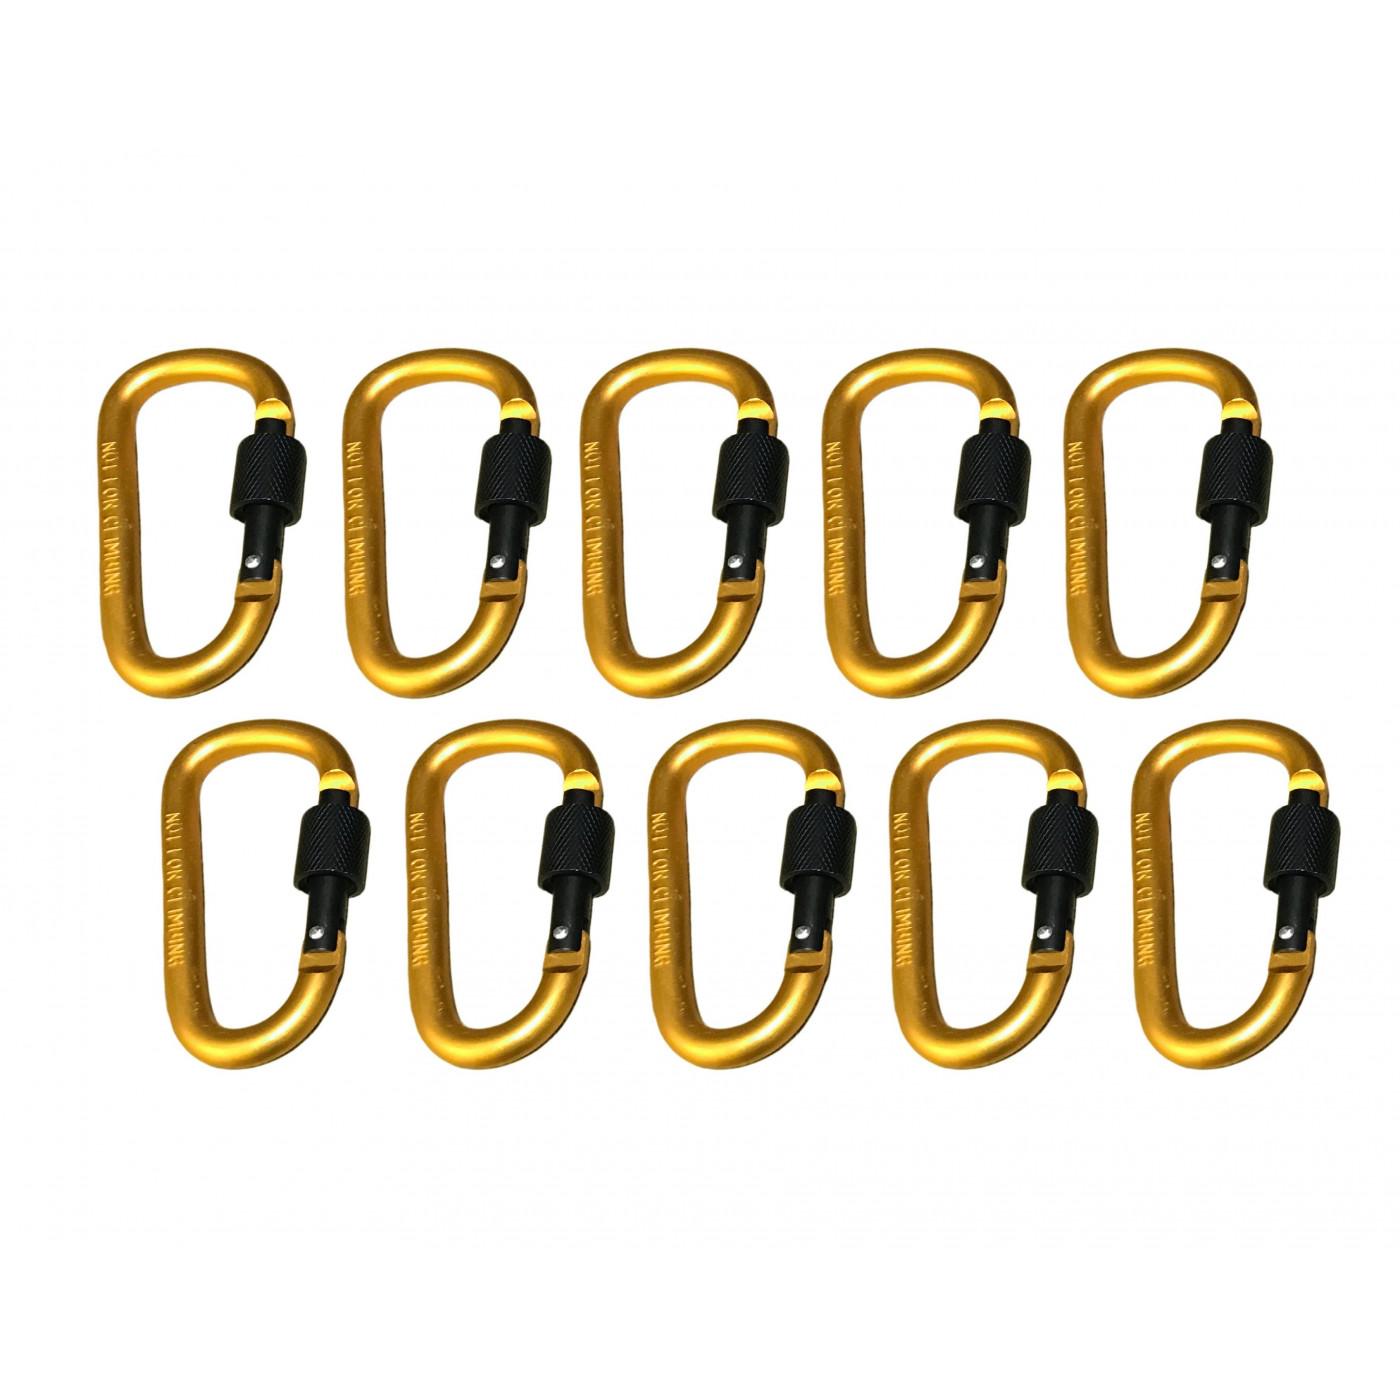 Jeu de 10 mousquetons, couleur 8: jaune, 100 kg